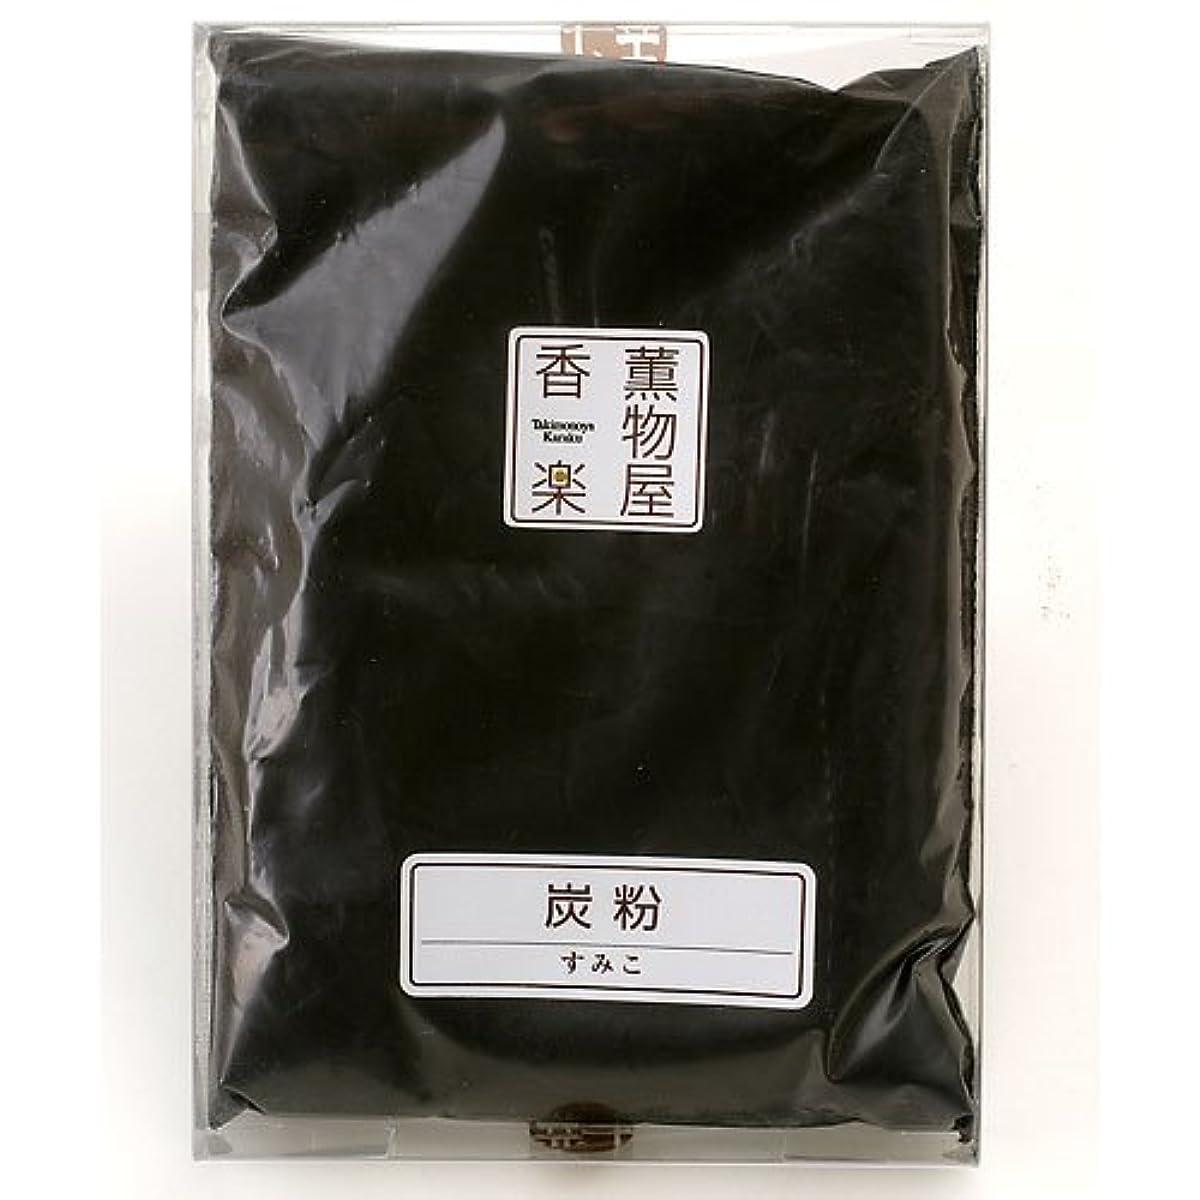 備品ベリー馬力炭粉(着火/カビ防止) 線香?練香の材料